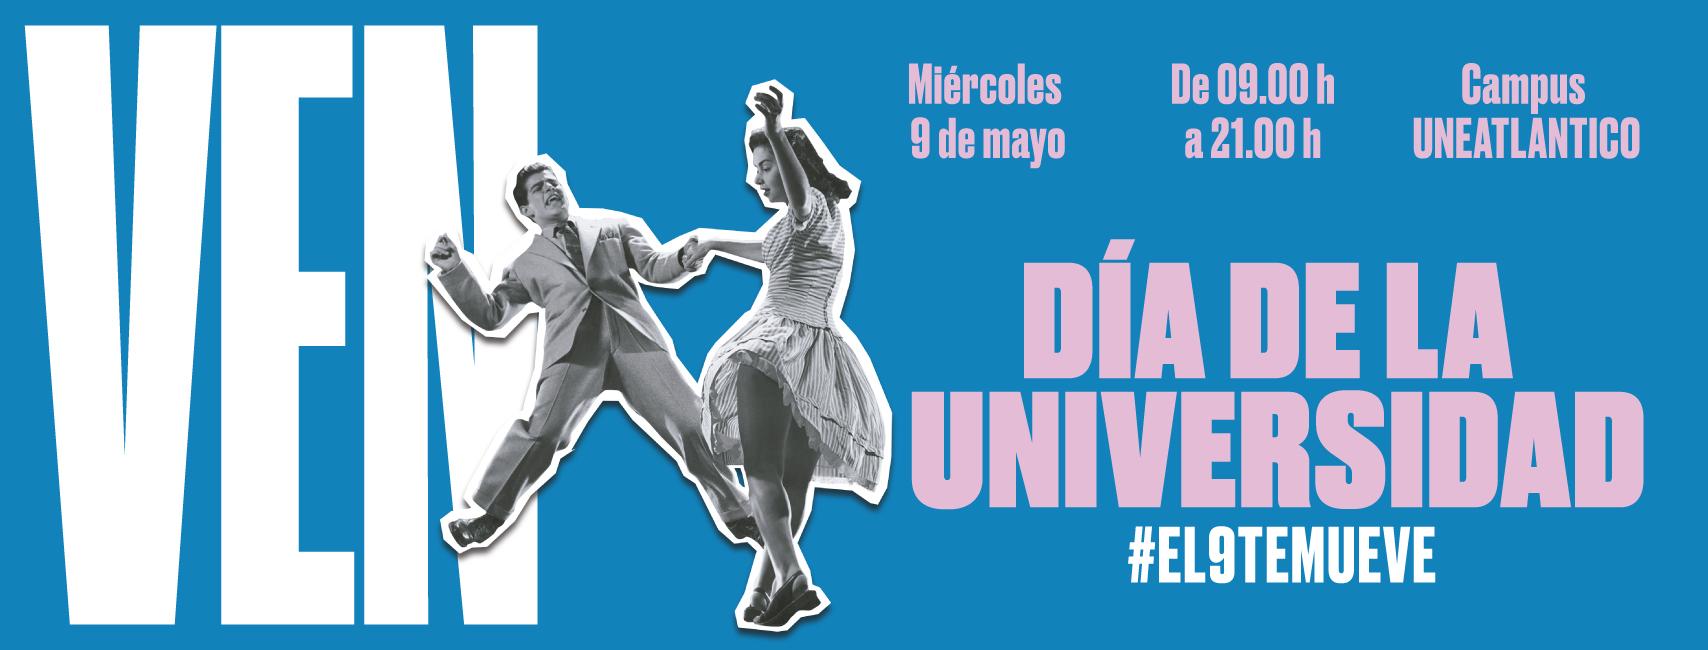 UNEATLANTICO celebra el miércoles el Día de la Universidad e inaugura una semana cargada de actividades